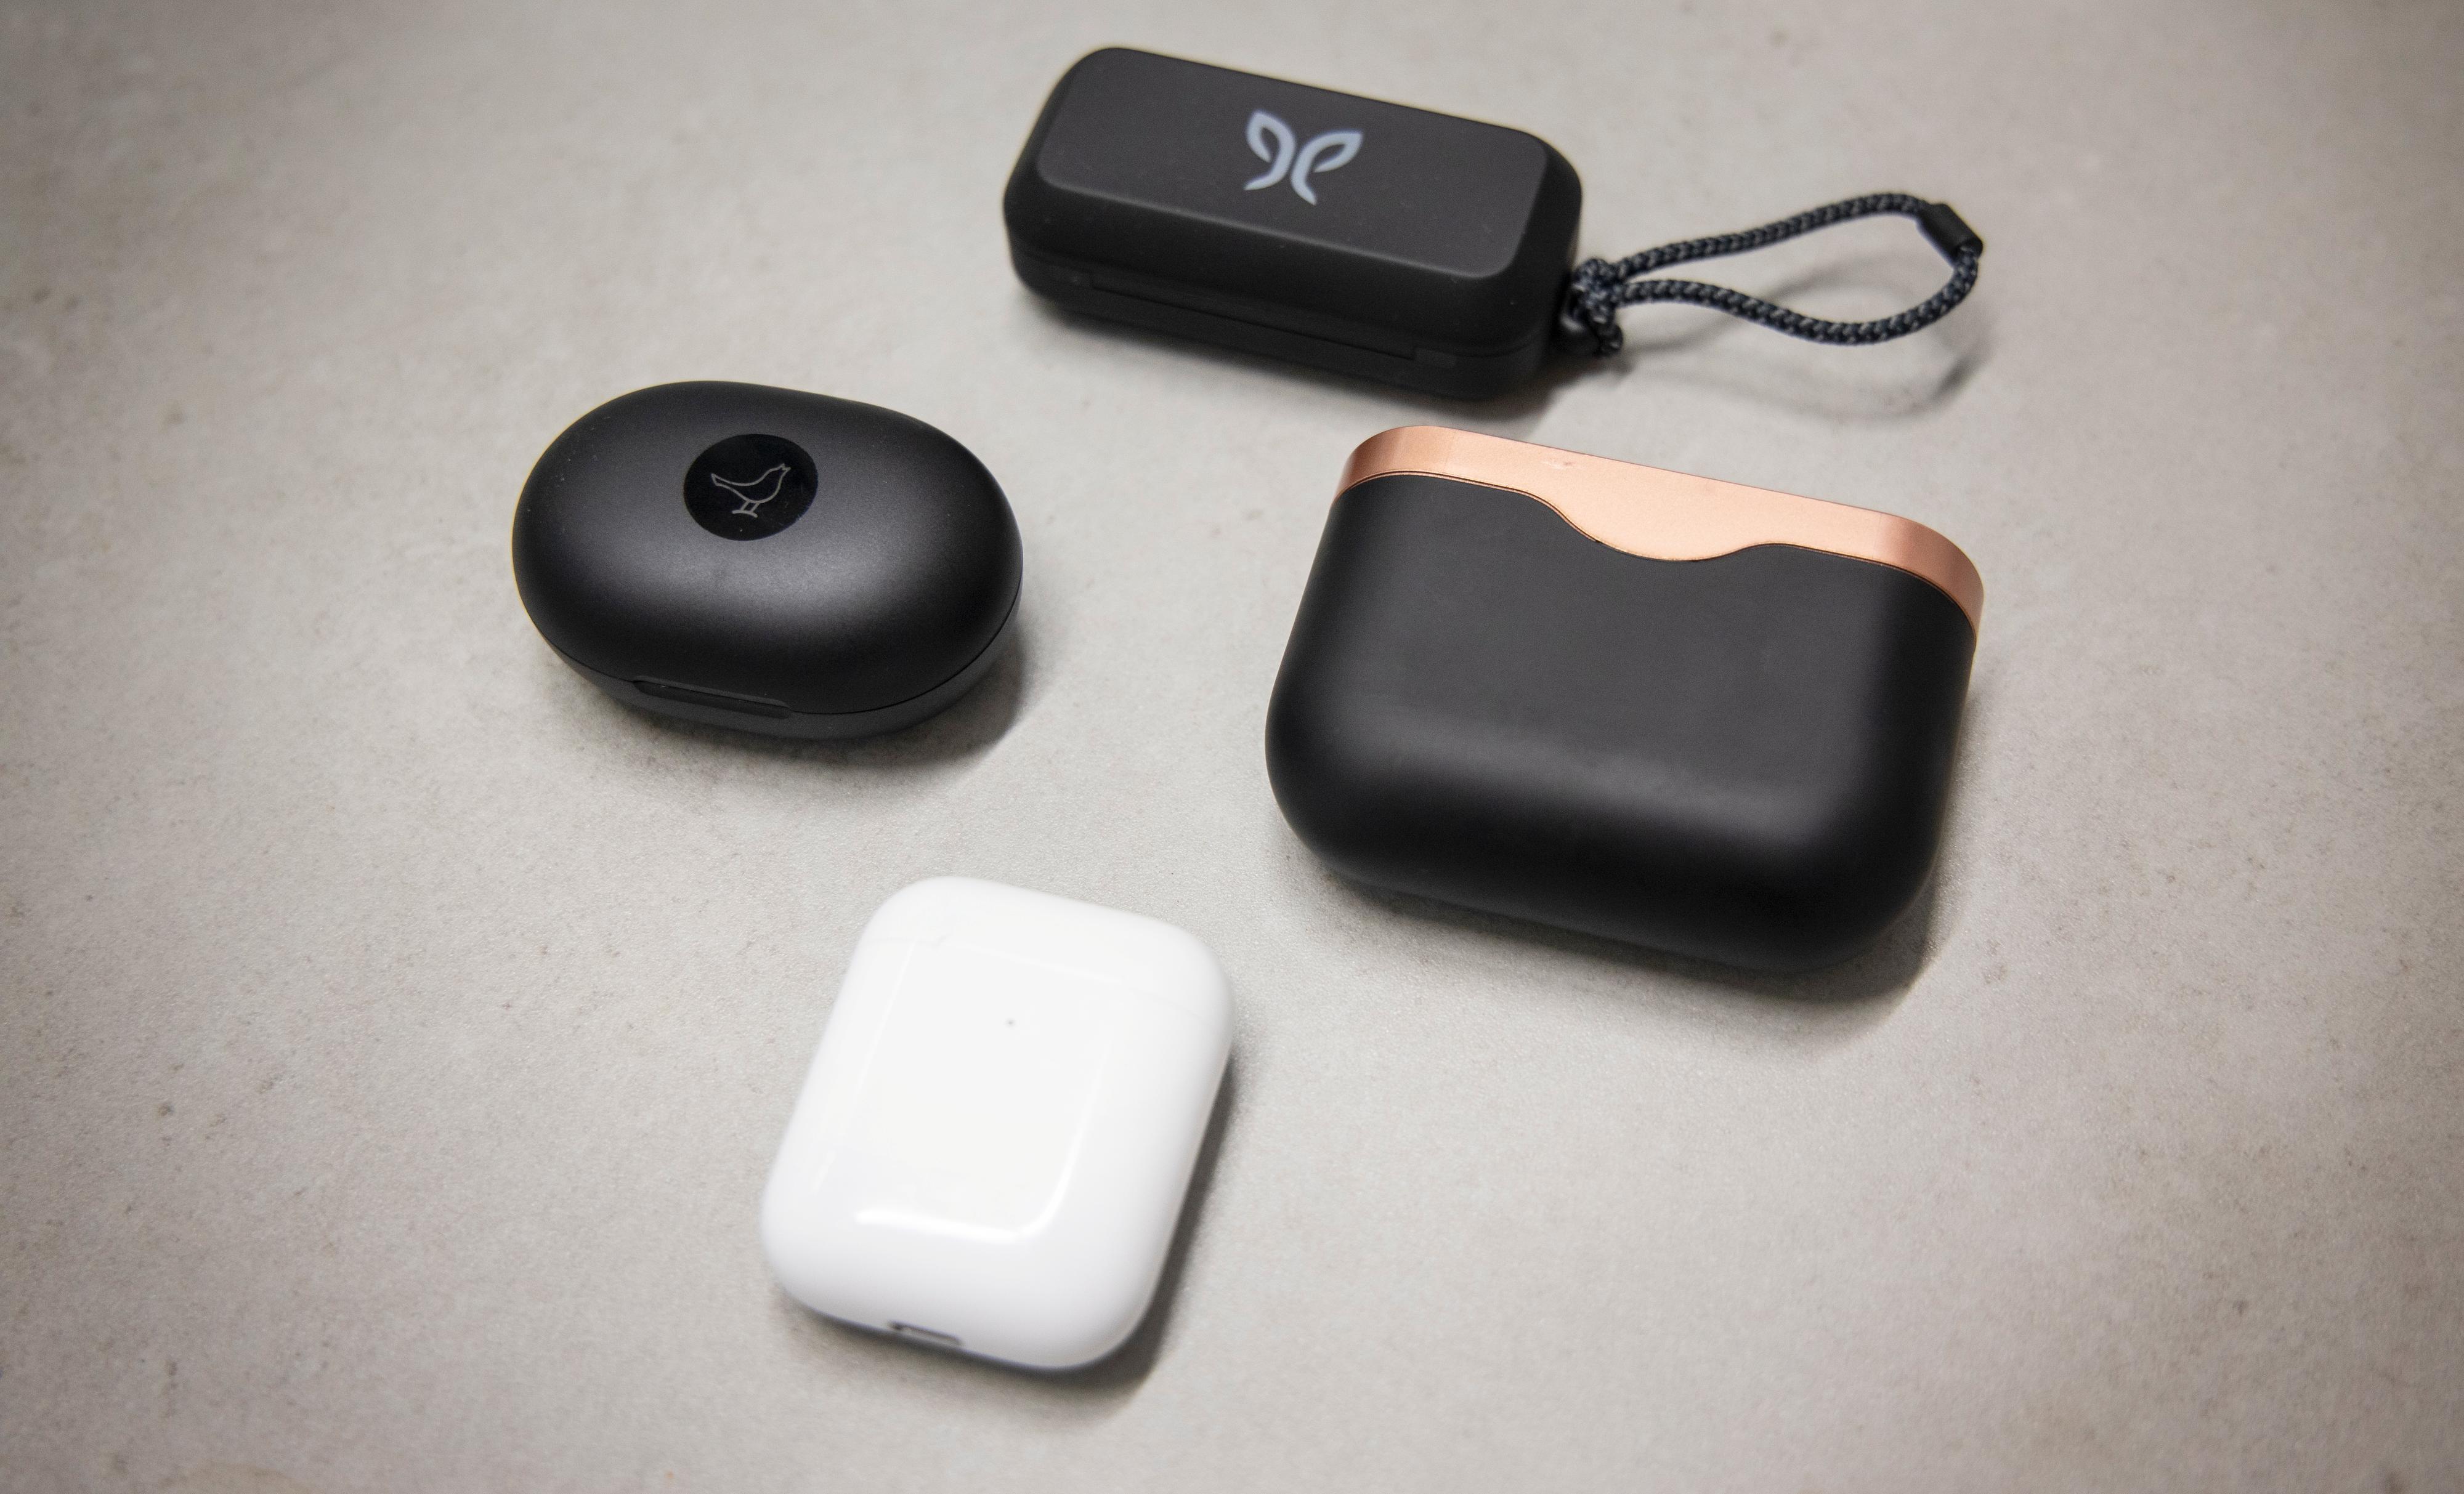 Libratone-etuiet (venstre) er blant de mest kompakte i denne kategorien. Fra Libratone og rundt med klokka: Jaybird Vista, Sony WF-1000XM3 og Apple Airpods.